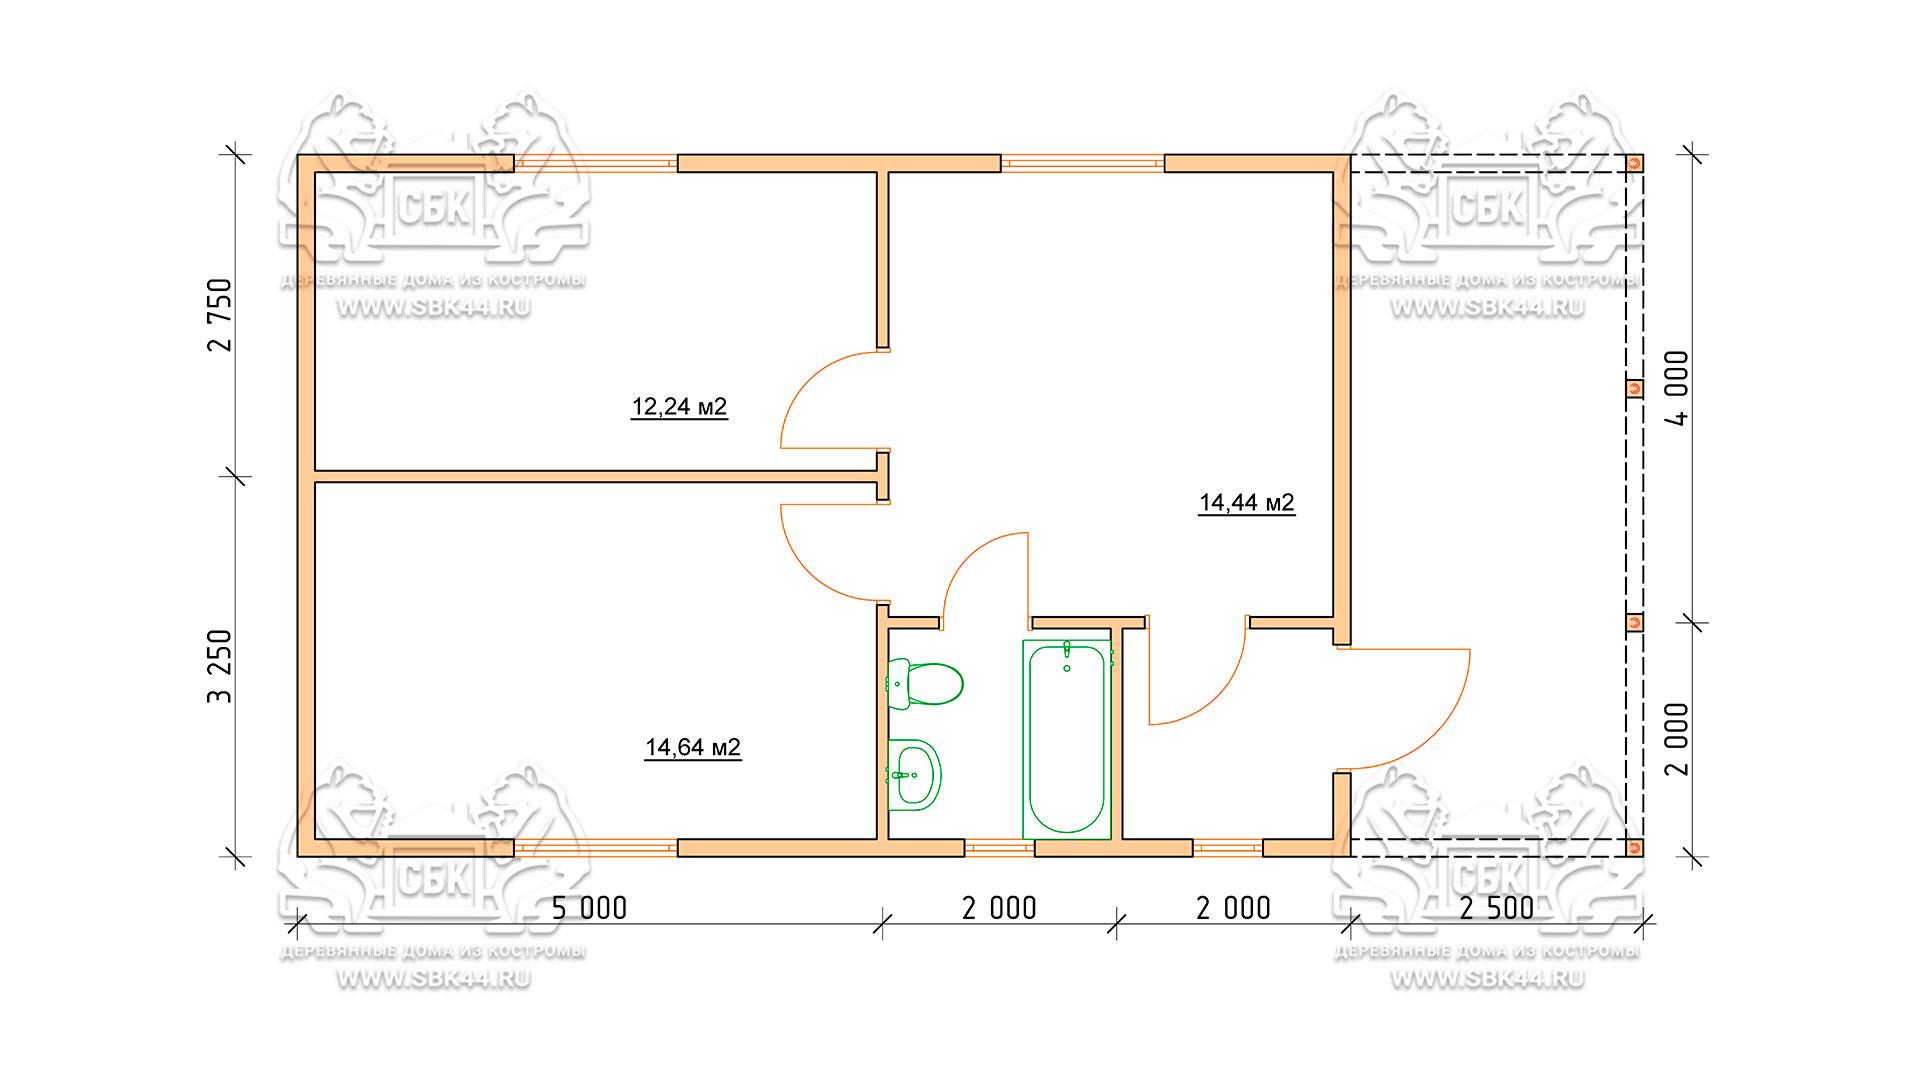 Проект одноэтажного дома из бруса 6 х 9 м «Смирновка» - с террасой план 1 - го этажа